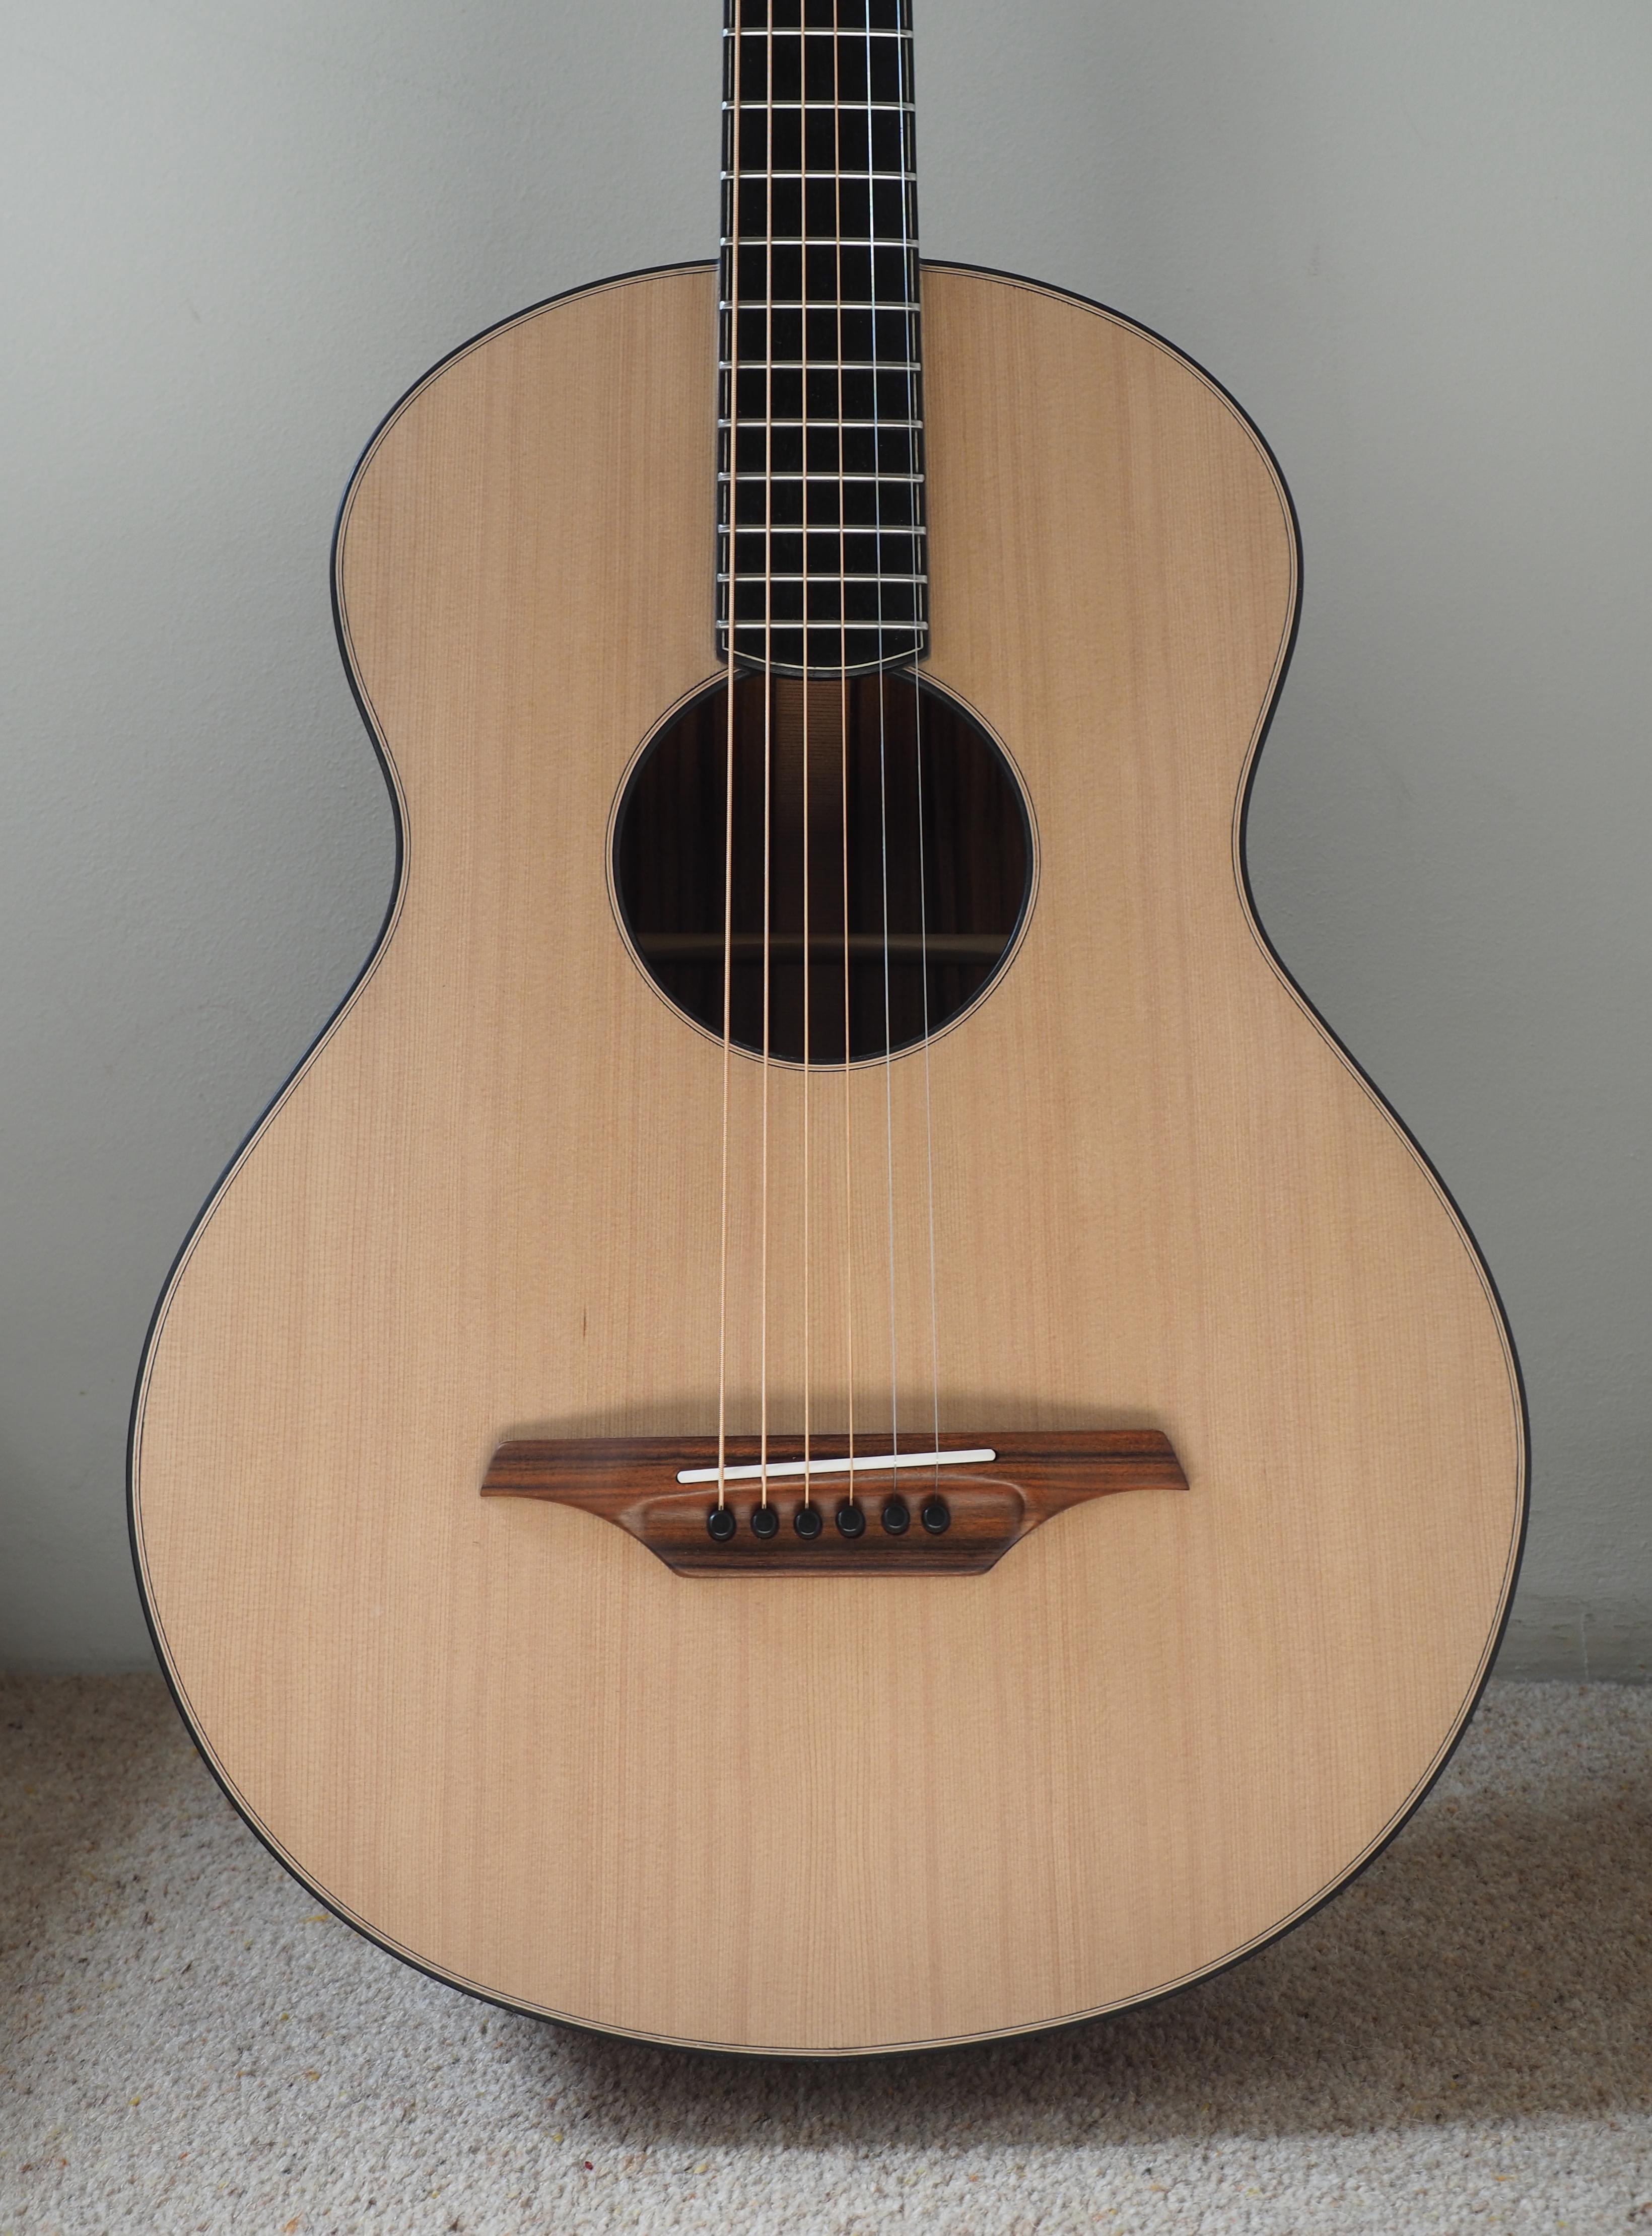 cedar top, santos rosewood, guitar, montgomery guitar, andreas montgomery